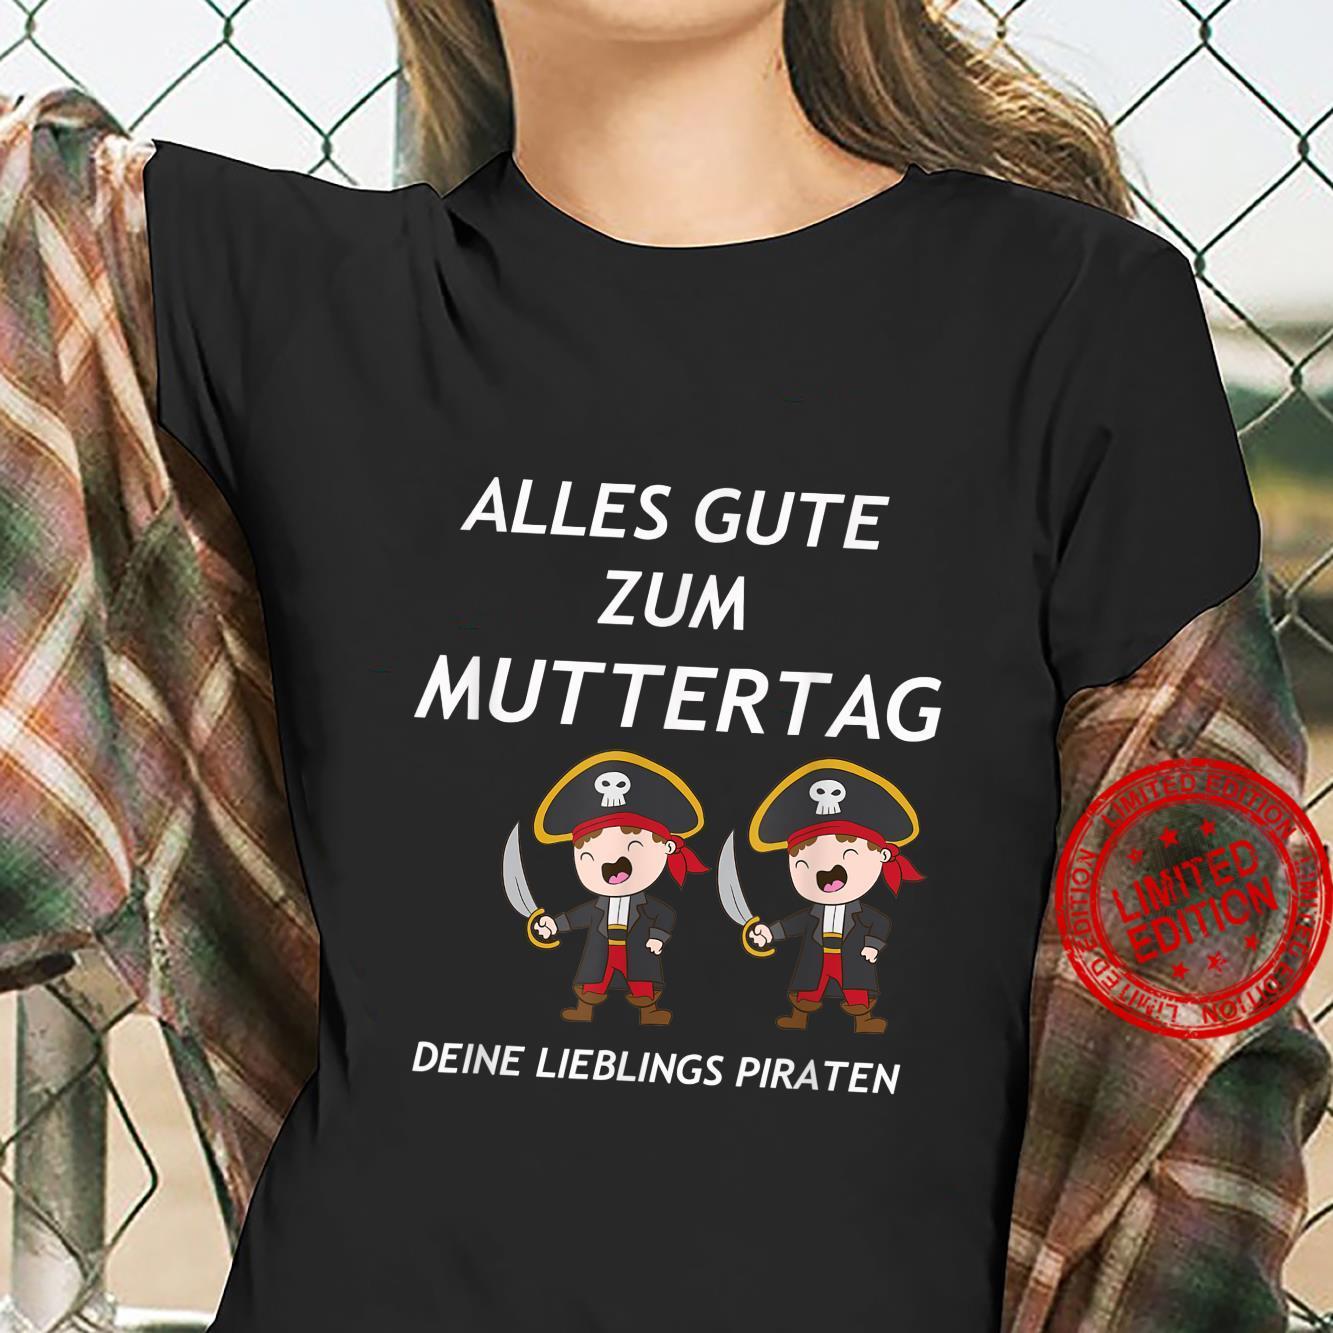 Zwillinge Geschwister ALLES GUTE ZUM MUTTERTAG PIRATEN Shirt ladies tee